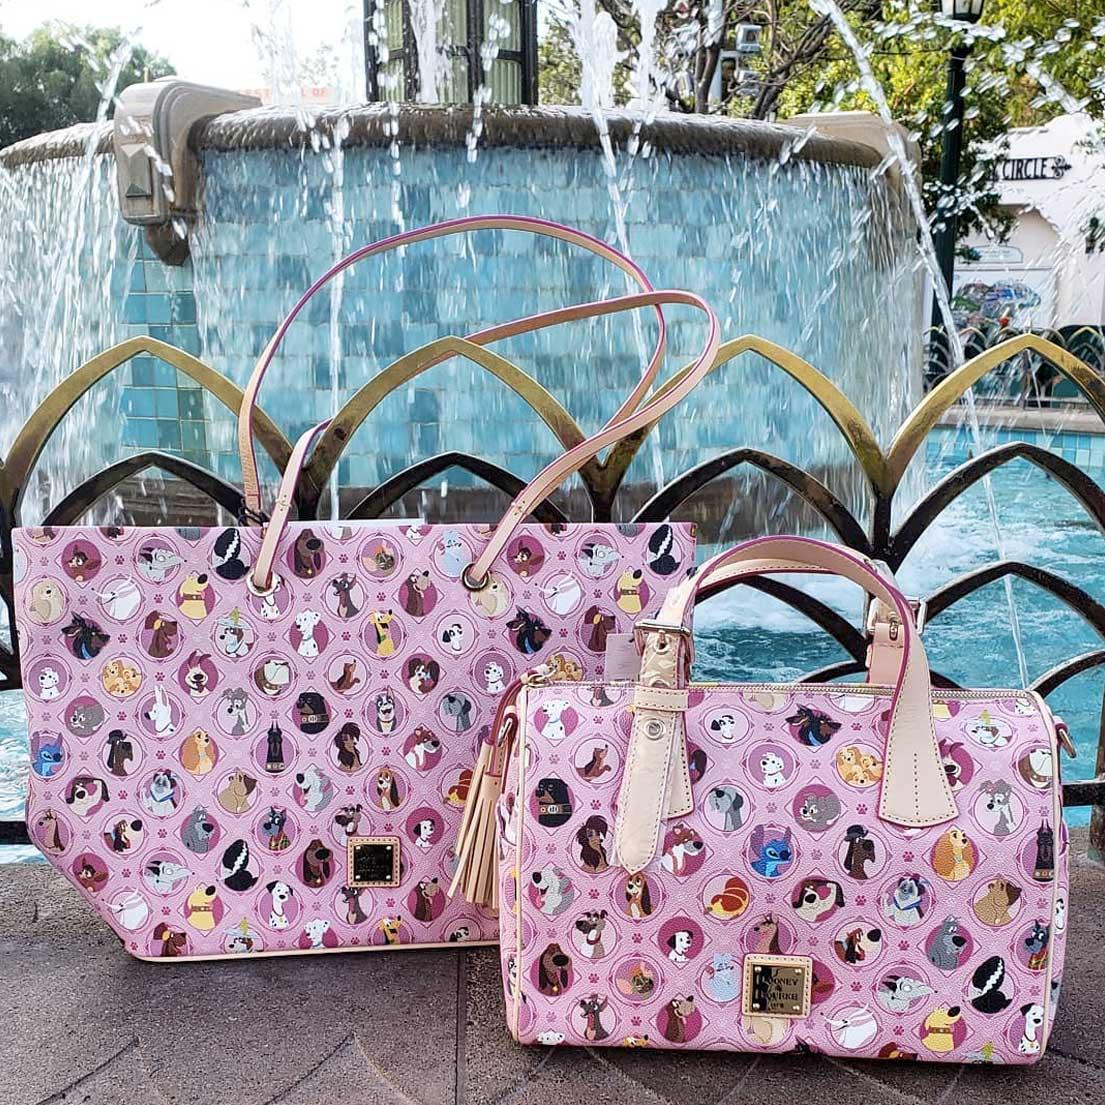 Pink Disney Dogs by Dooney & Bourke Shoulder Bag & Tote Bag | Mouse Memos Disney Blog